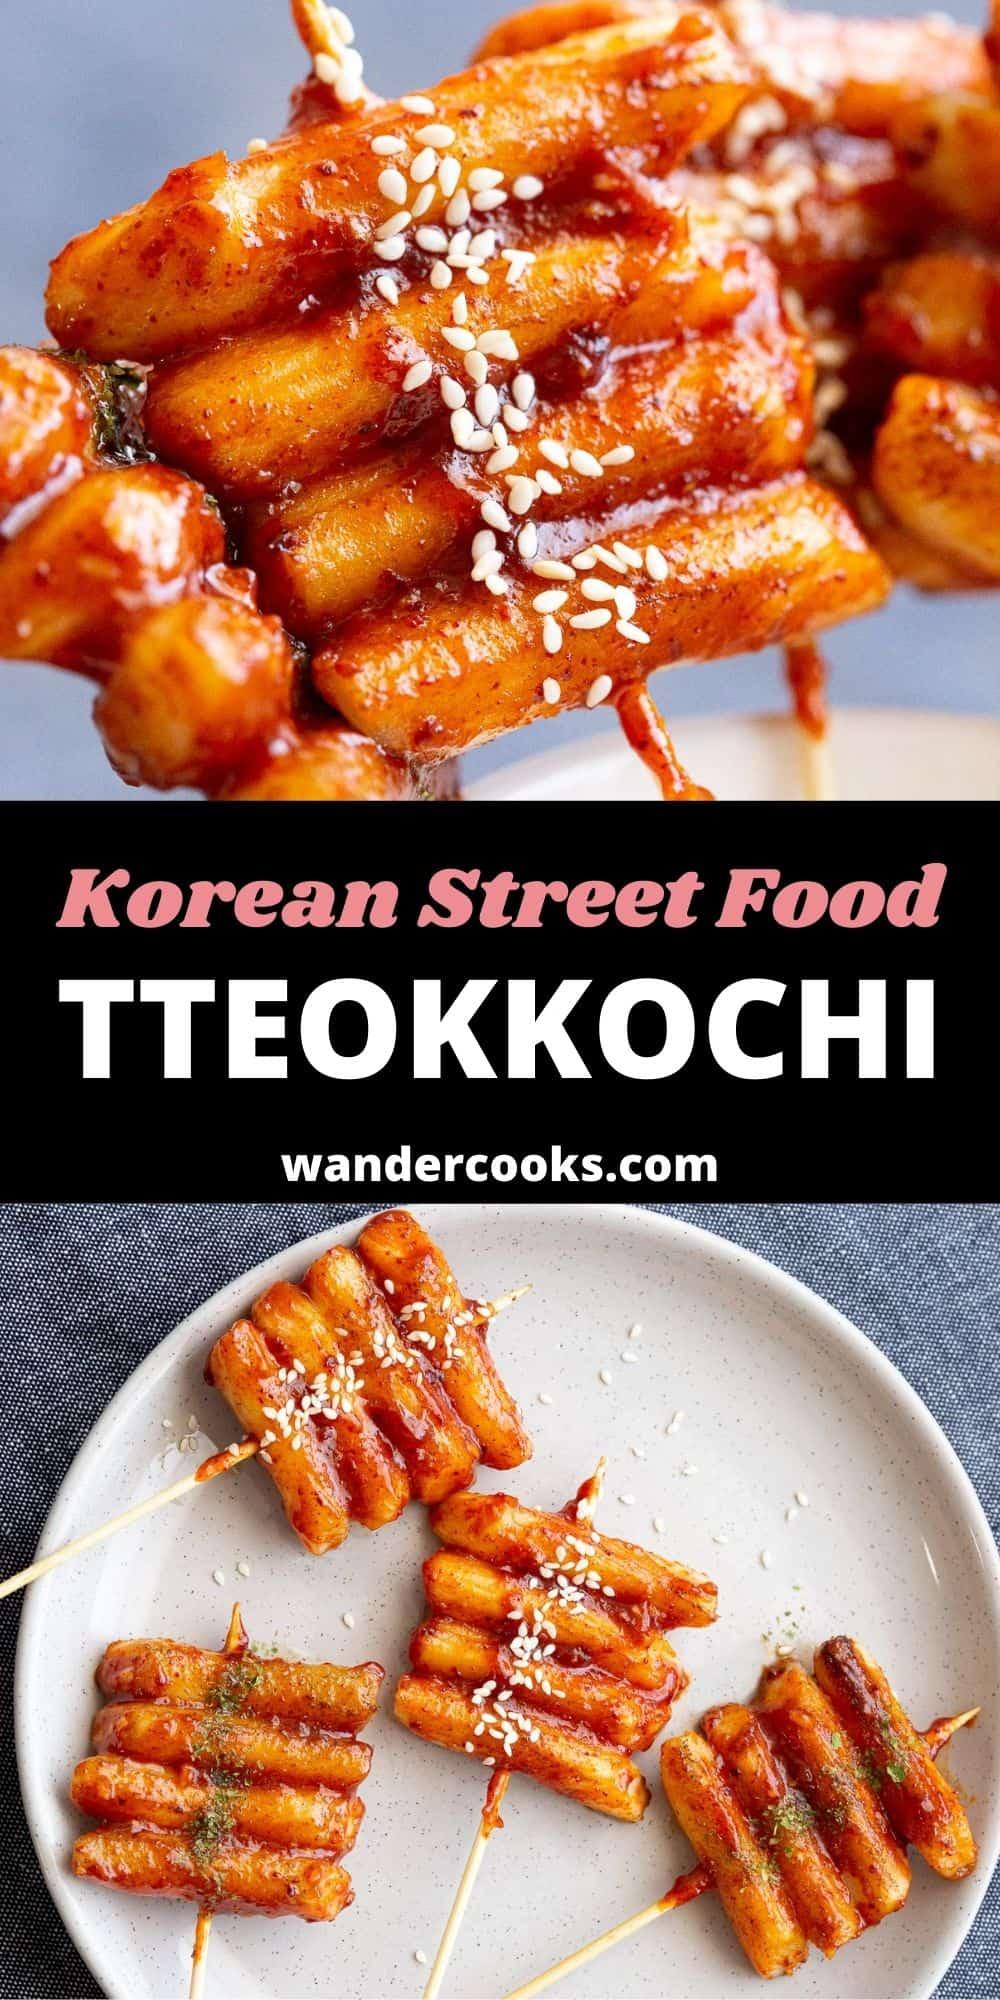 Tteokkochi - Korean Street Food Skewers